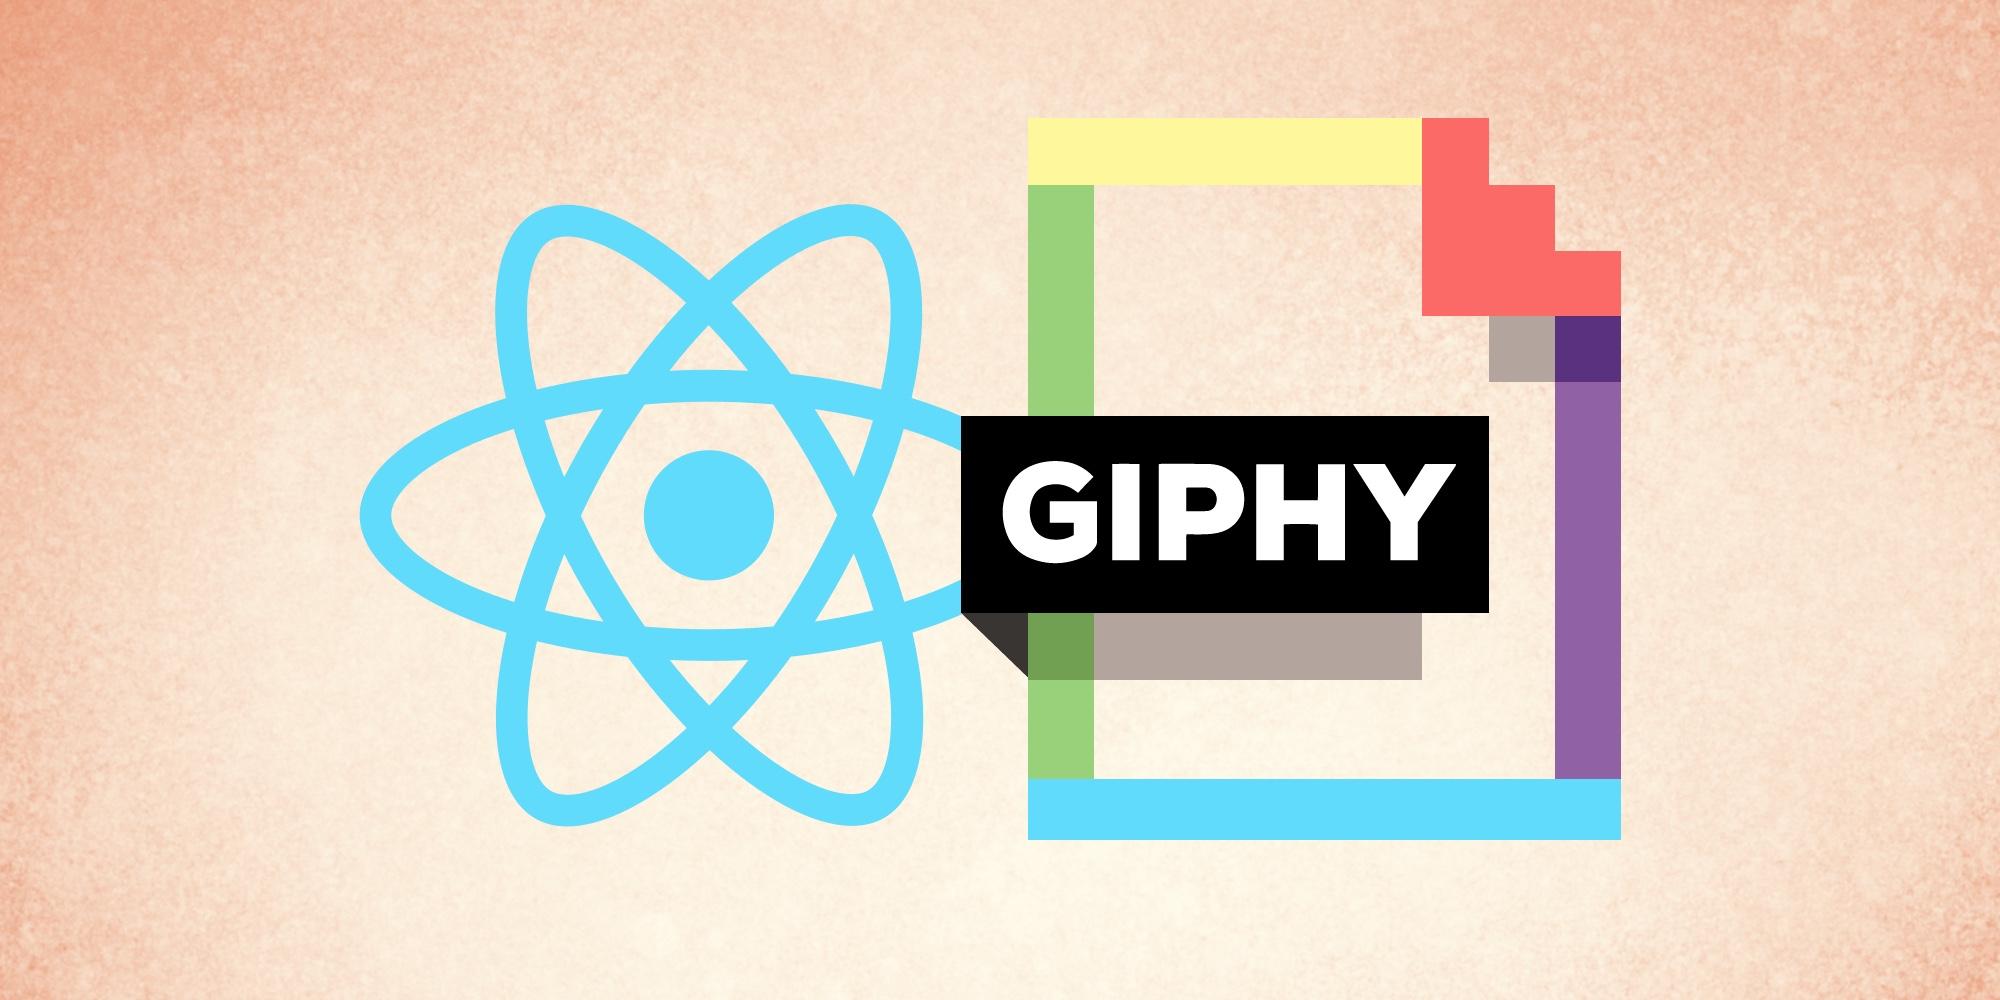 ⚛ Учебное пособие по Giphy API: как сгенерировать анимированный текст в формате GIF с помощью ReactJS